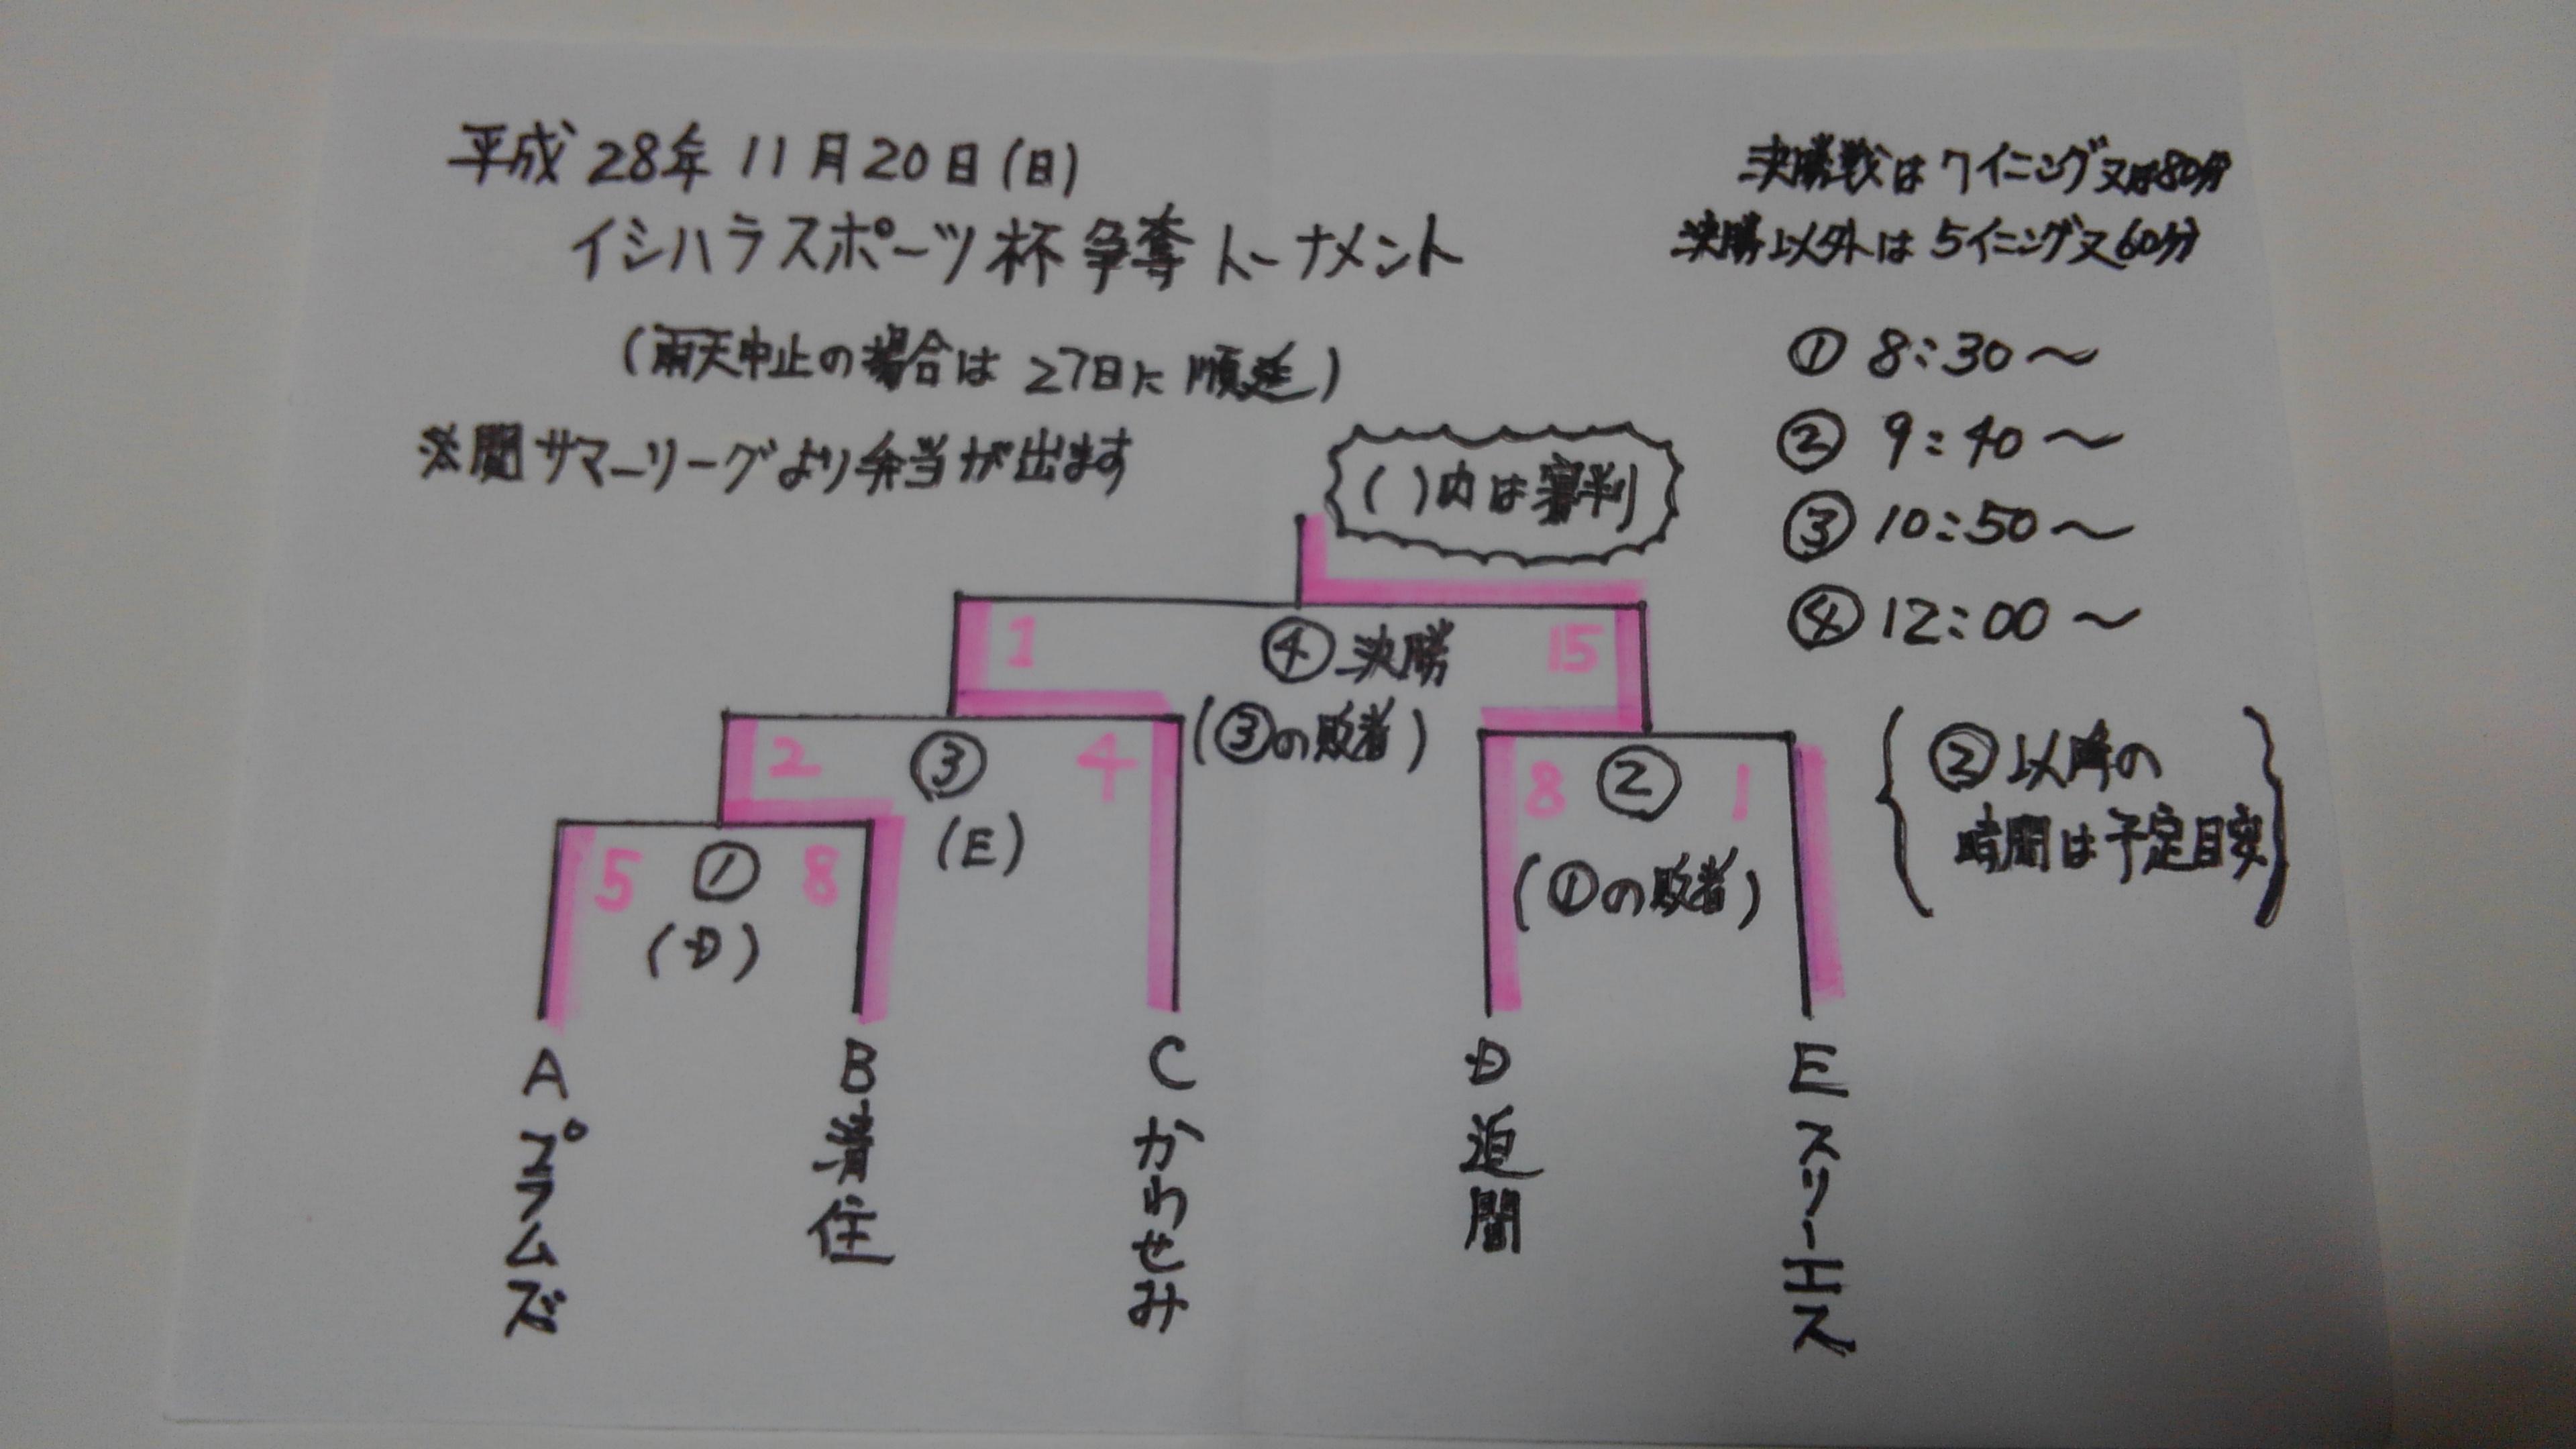 KIMG0011[1]